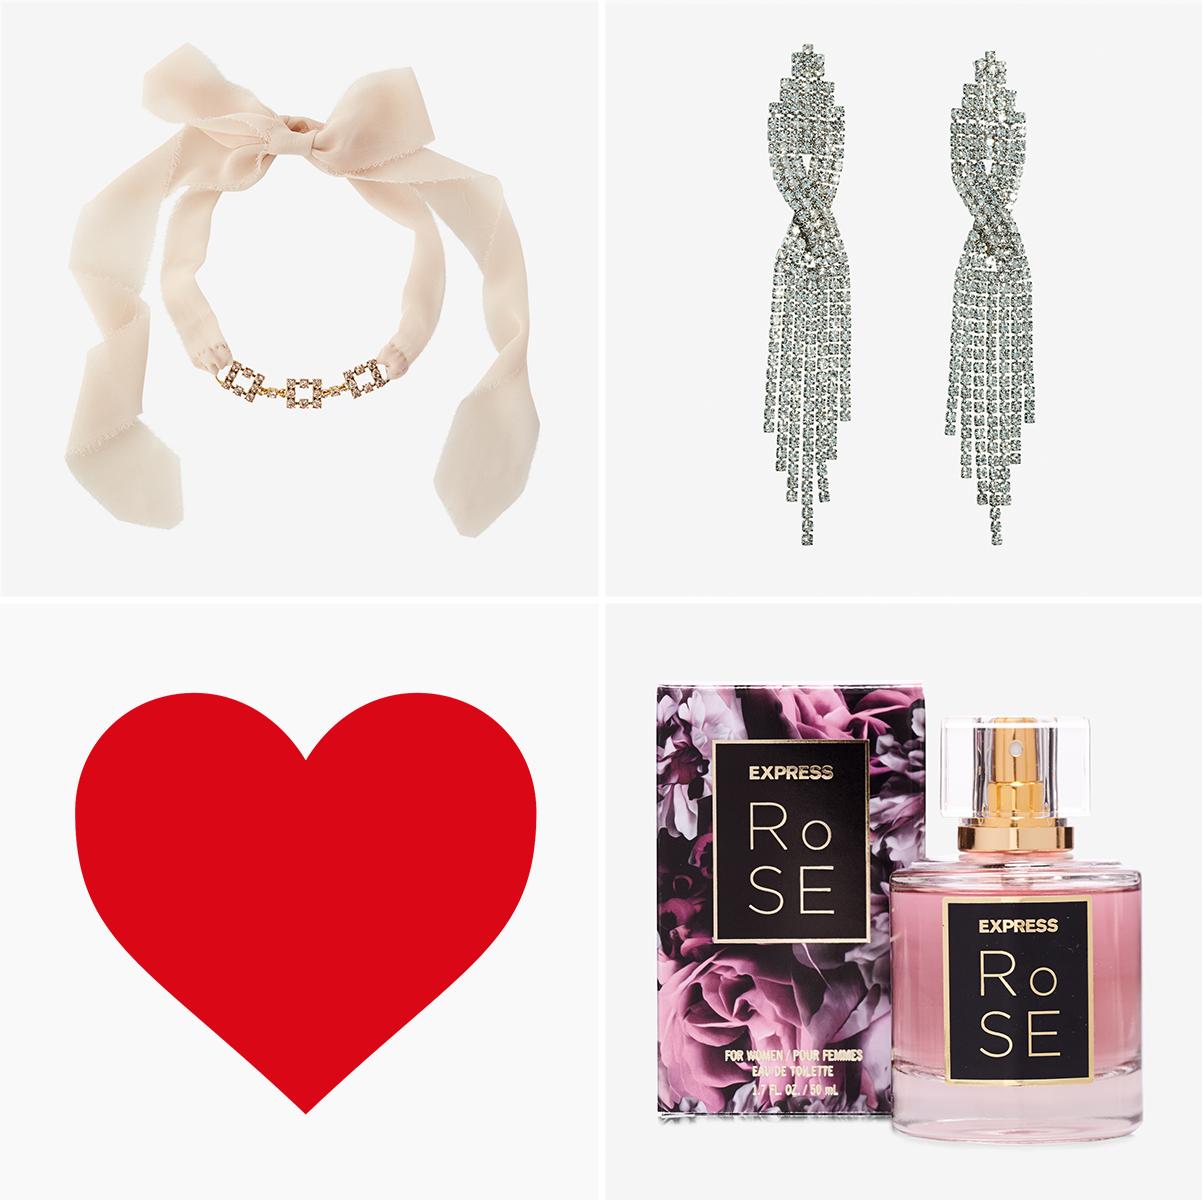 choker-earrings-express-rose-perfume